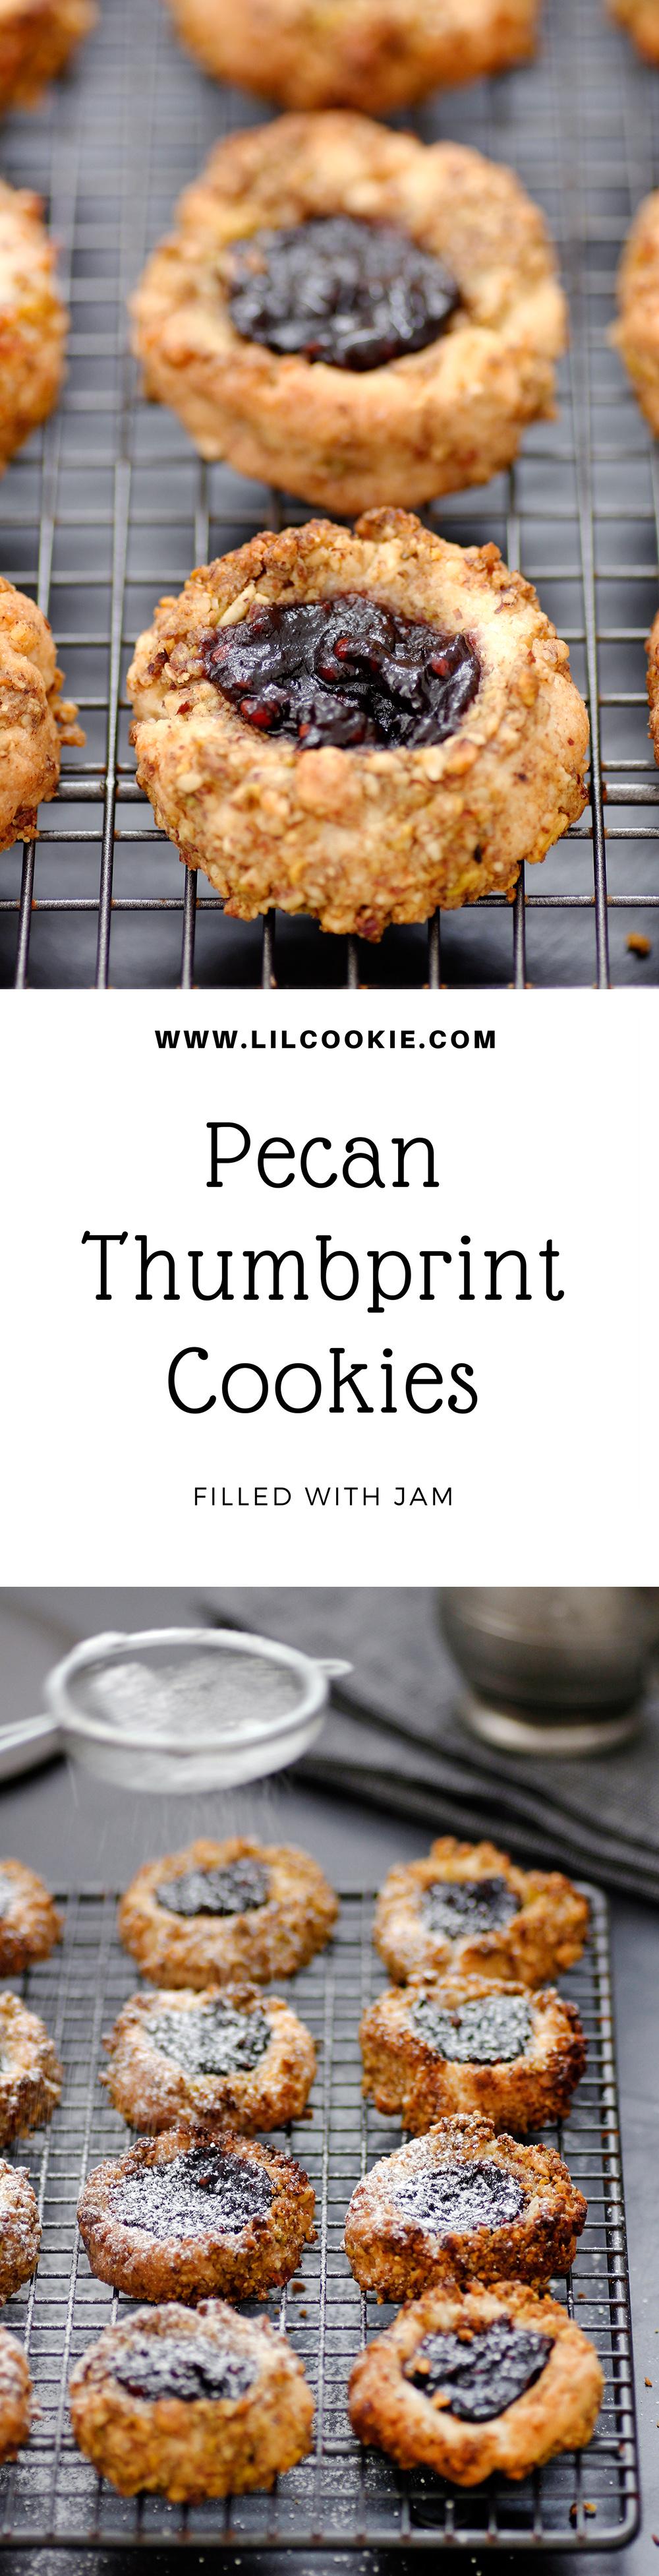 Pecan Thumbprint Cookies with Jam Filling